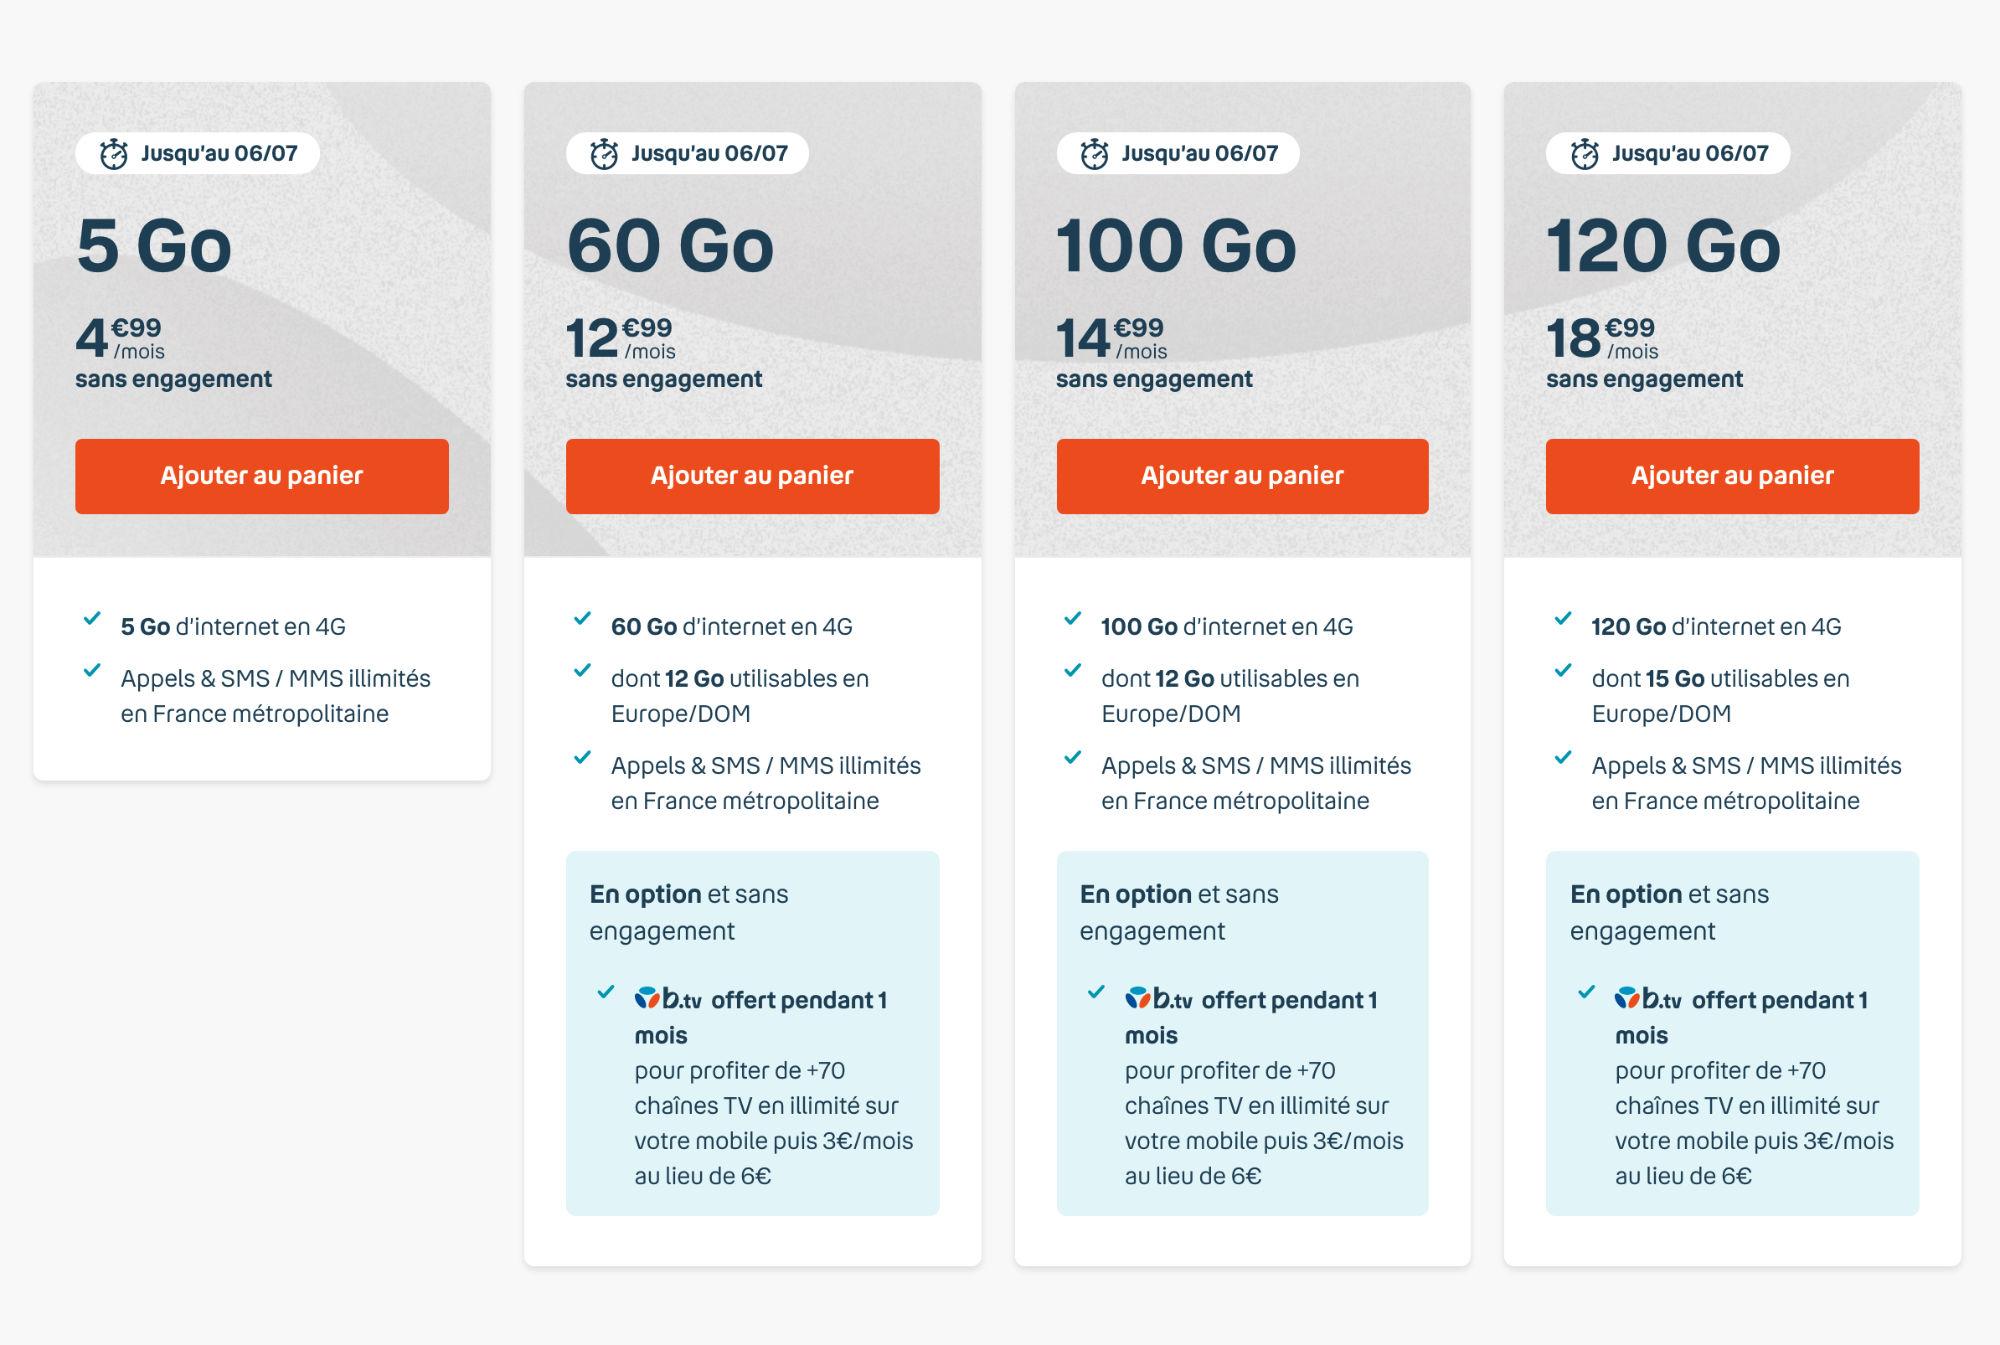 De 5 à 120 Go : Bouygues Telecom renouvelle tous ses forfaits mobiles sans engagement à petit prix